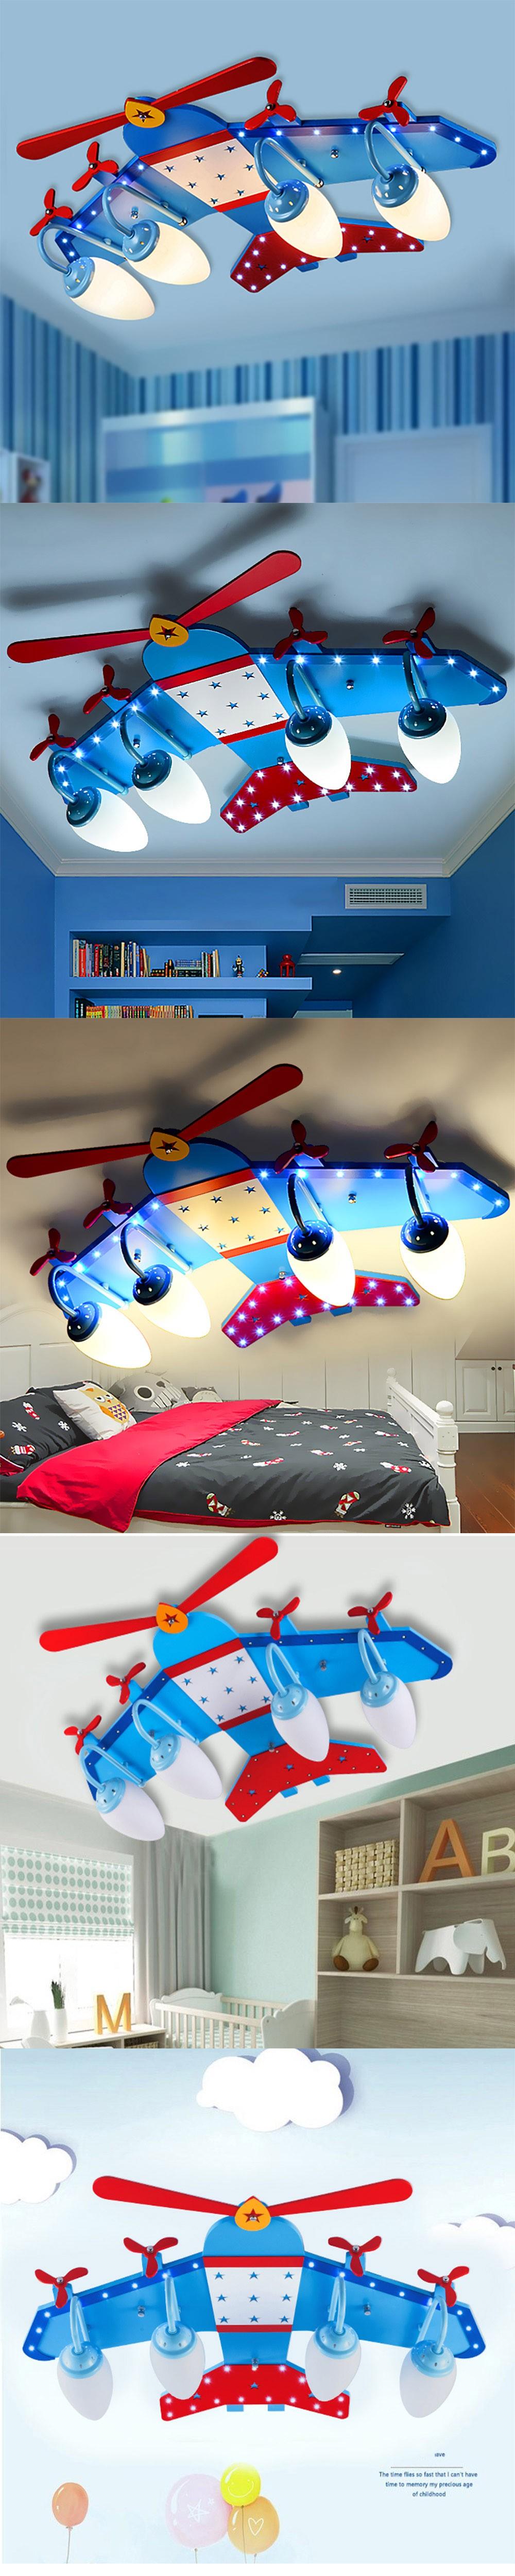 Купить 110 В 220 В E14 Мальчик номер светодиодный потолочный светильник Современные Дети Детей Огни Спальня Светильники Акриловые Самолет Дети Света потолочный Светильник